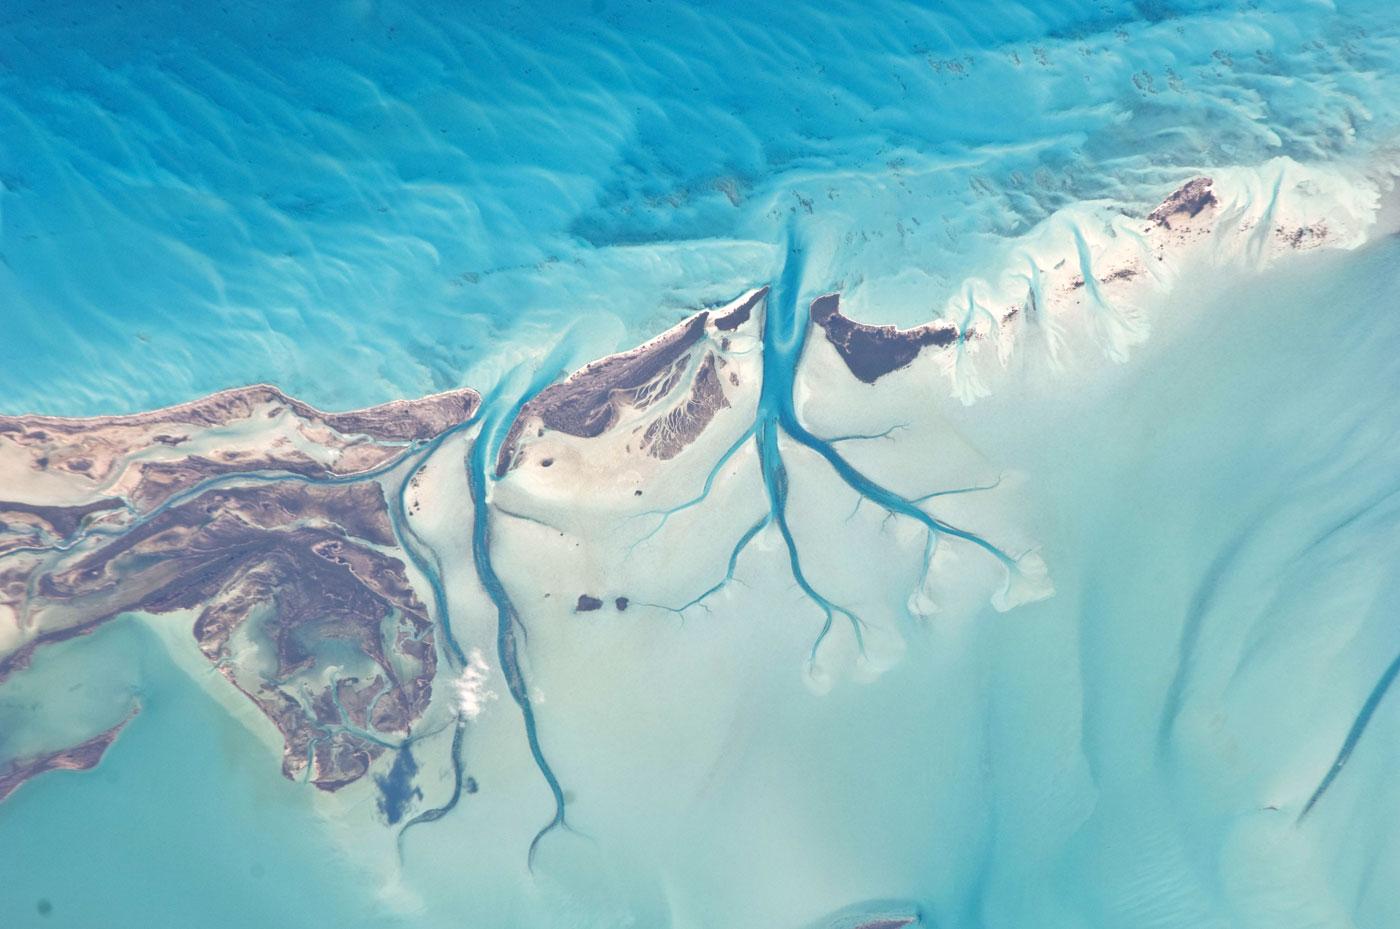 Bahamas. Source: NASA (CC)